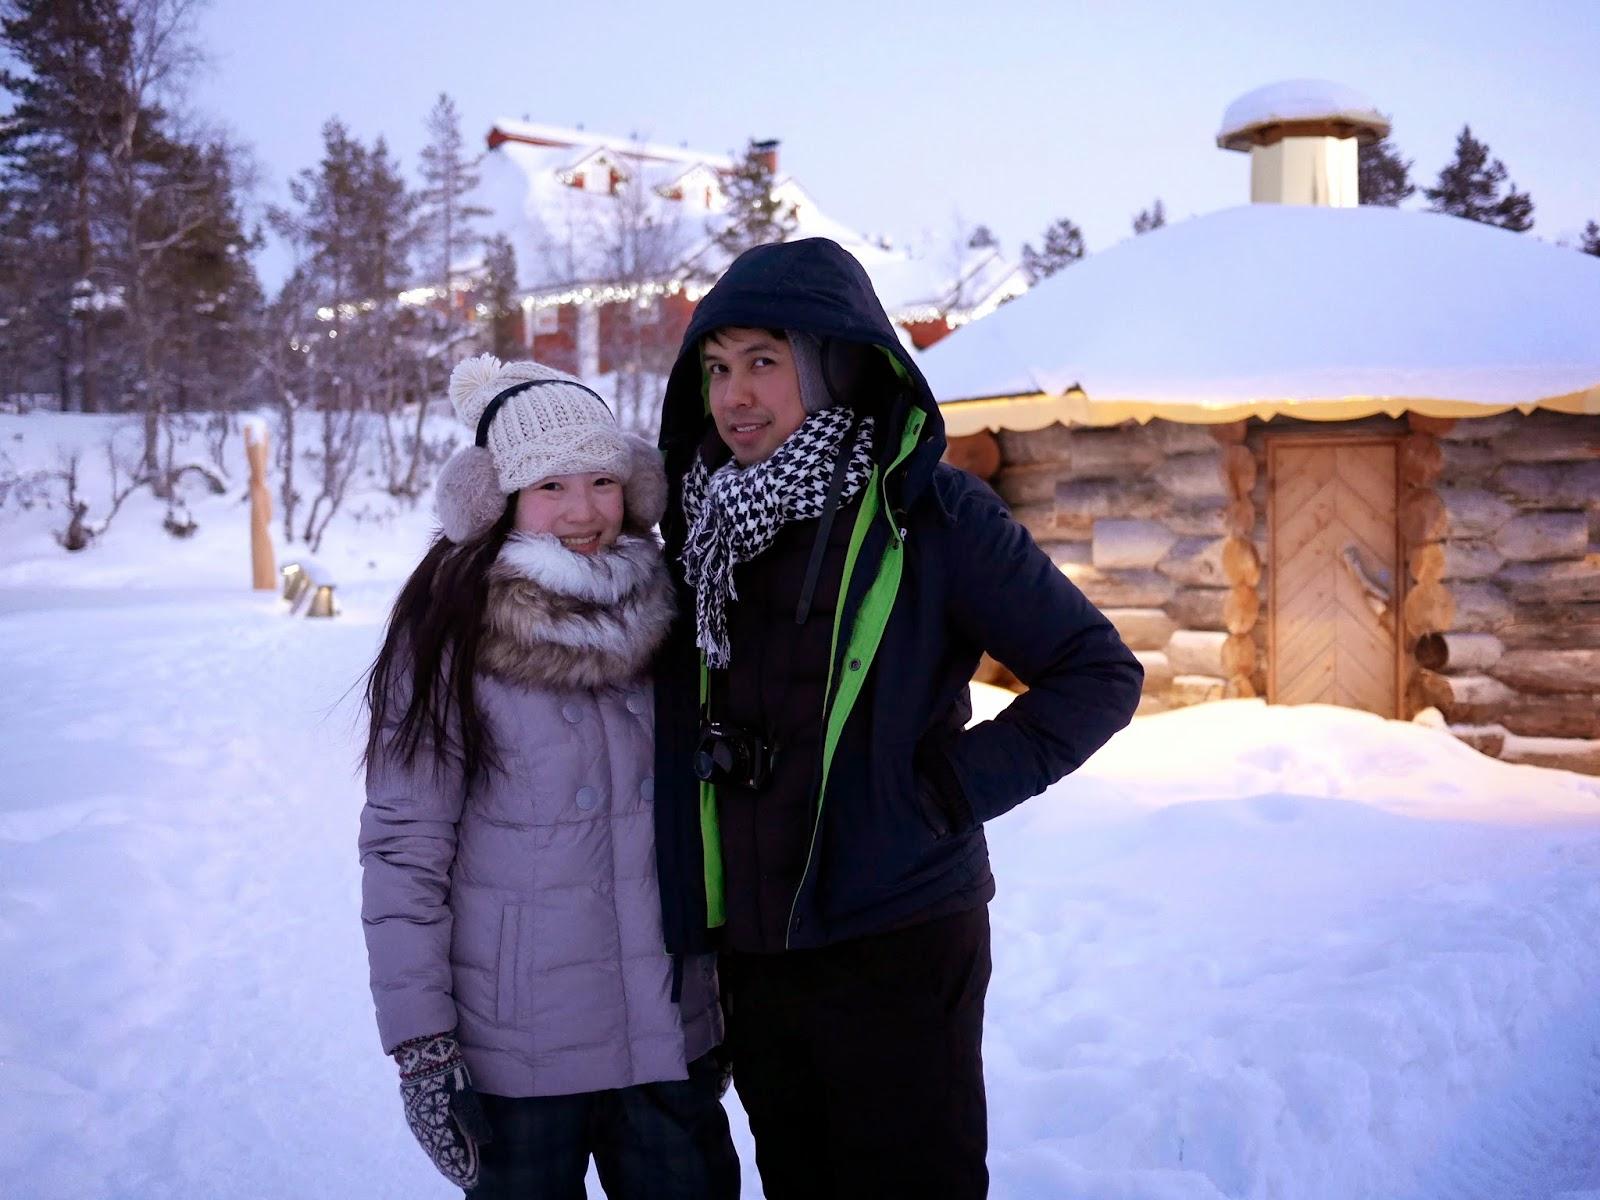 Winter at Kakslauttanen, Finnish Lapland